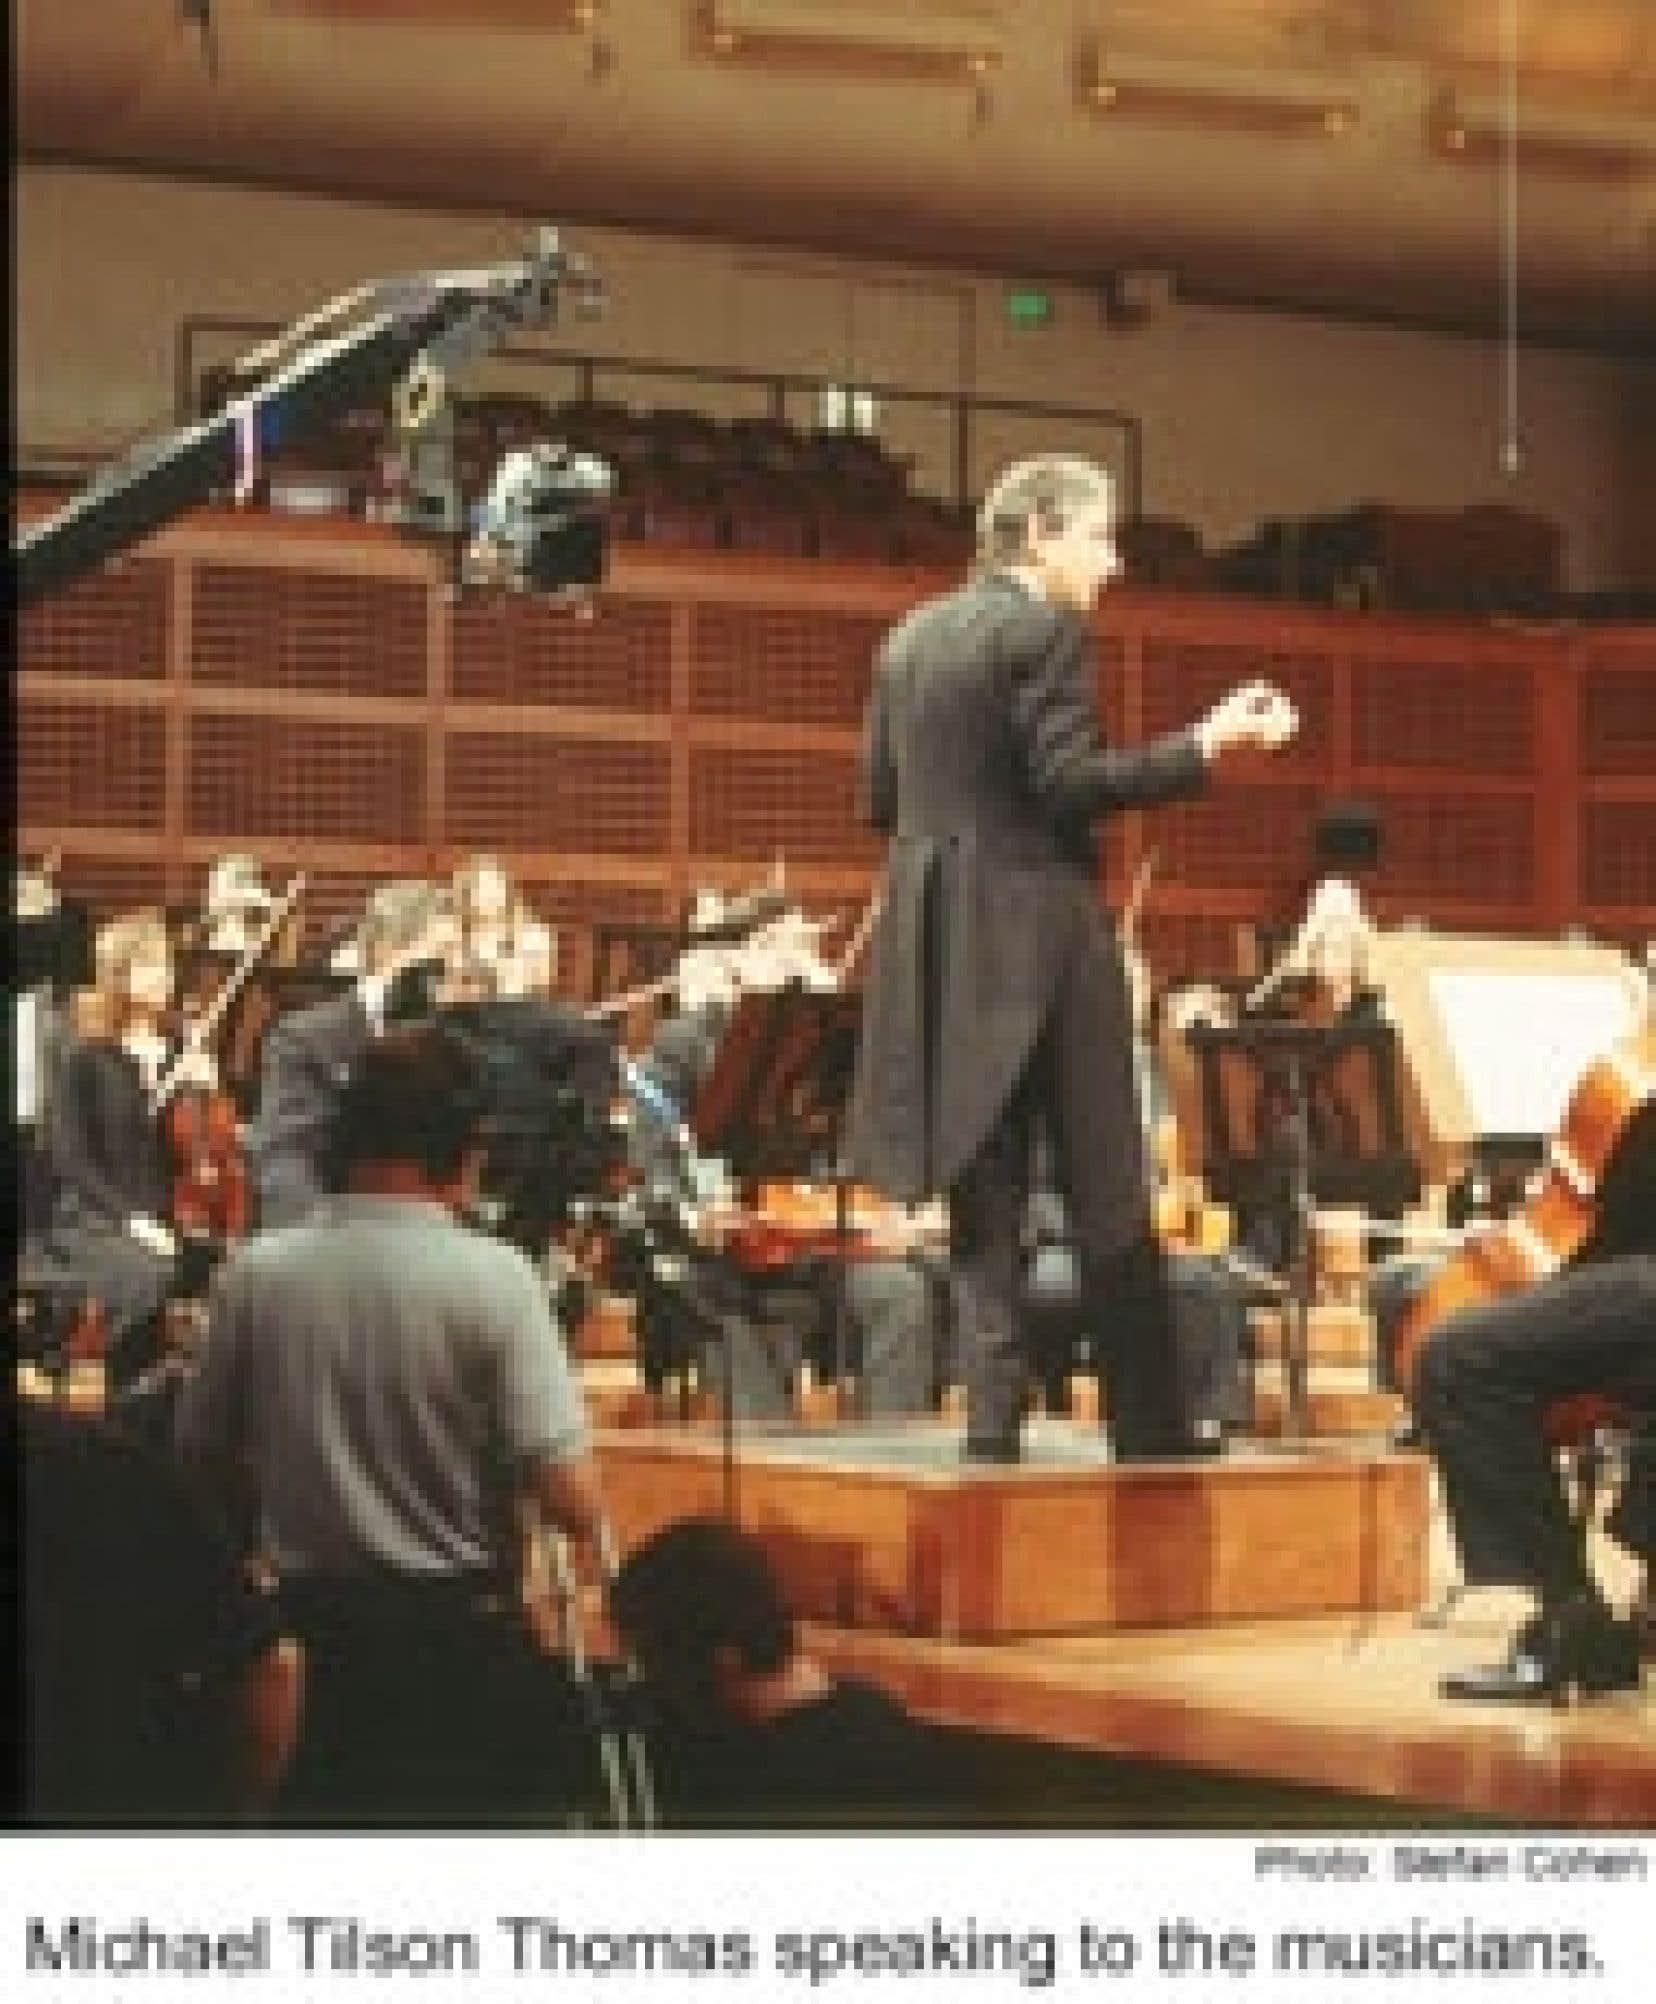 Le chef Michael Tilson Thomas filmé lors d'une répétition avec les musiciens de l'Orchestre symphonique de San Francisco. Source: Stefan Cohen